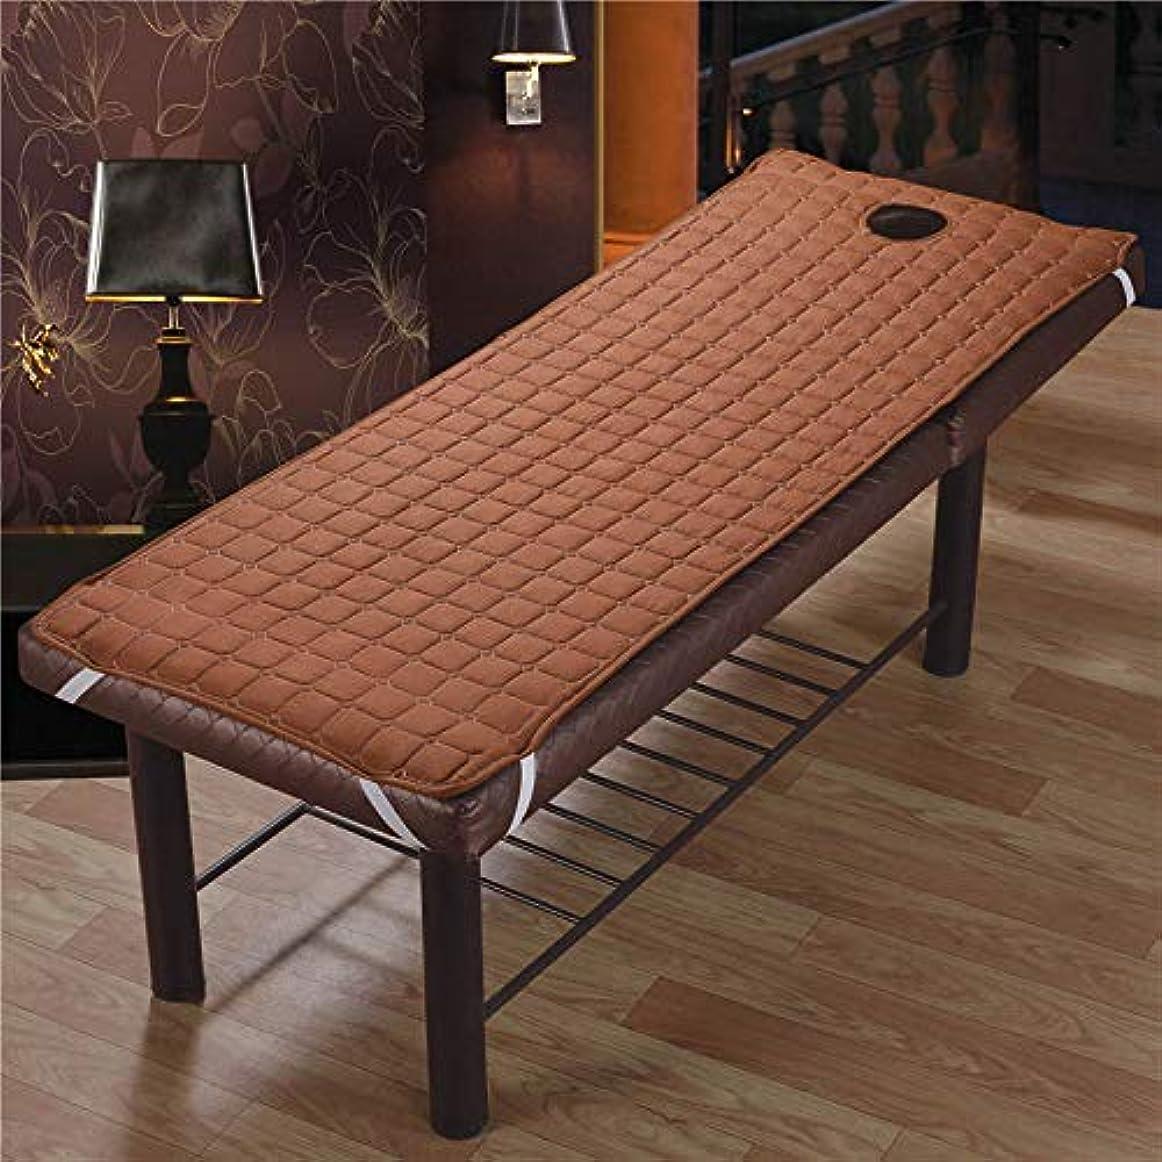 母首謀者オーバーランCoolTack  美容院のマッサージ療法のベッドのための滑り止めのSoliod色の長方形のマットレス